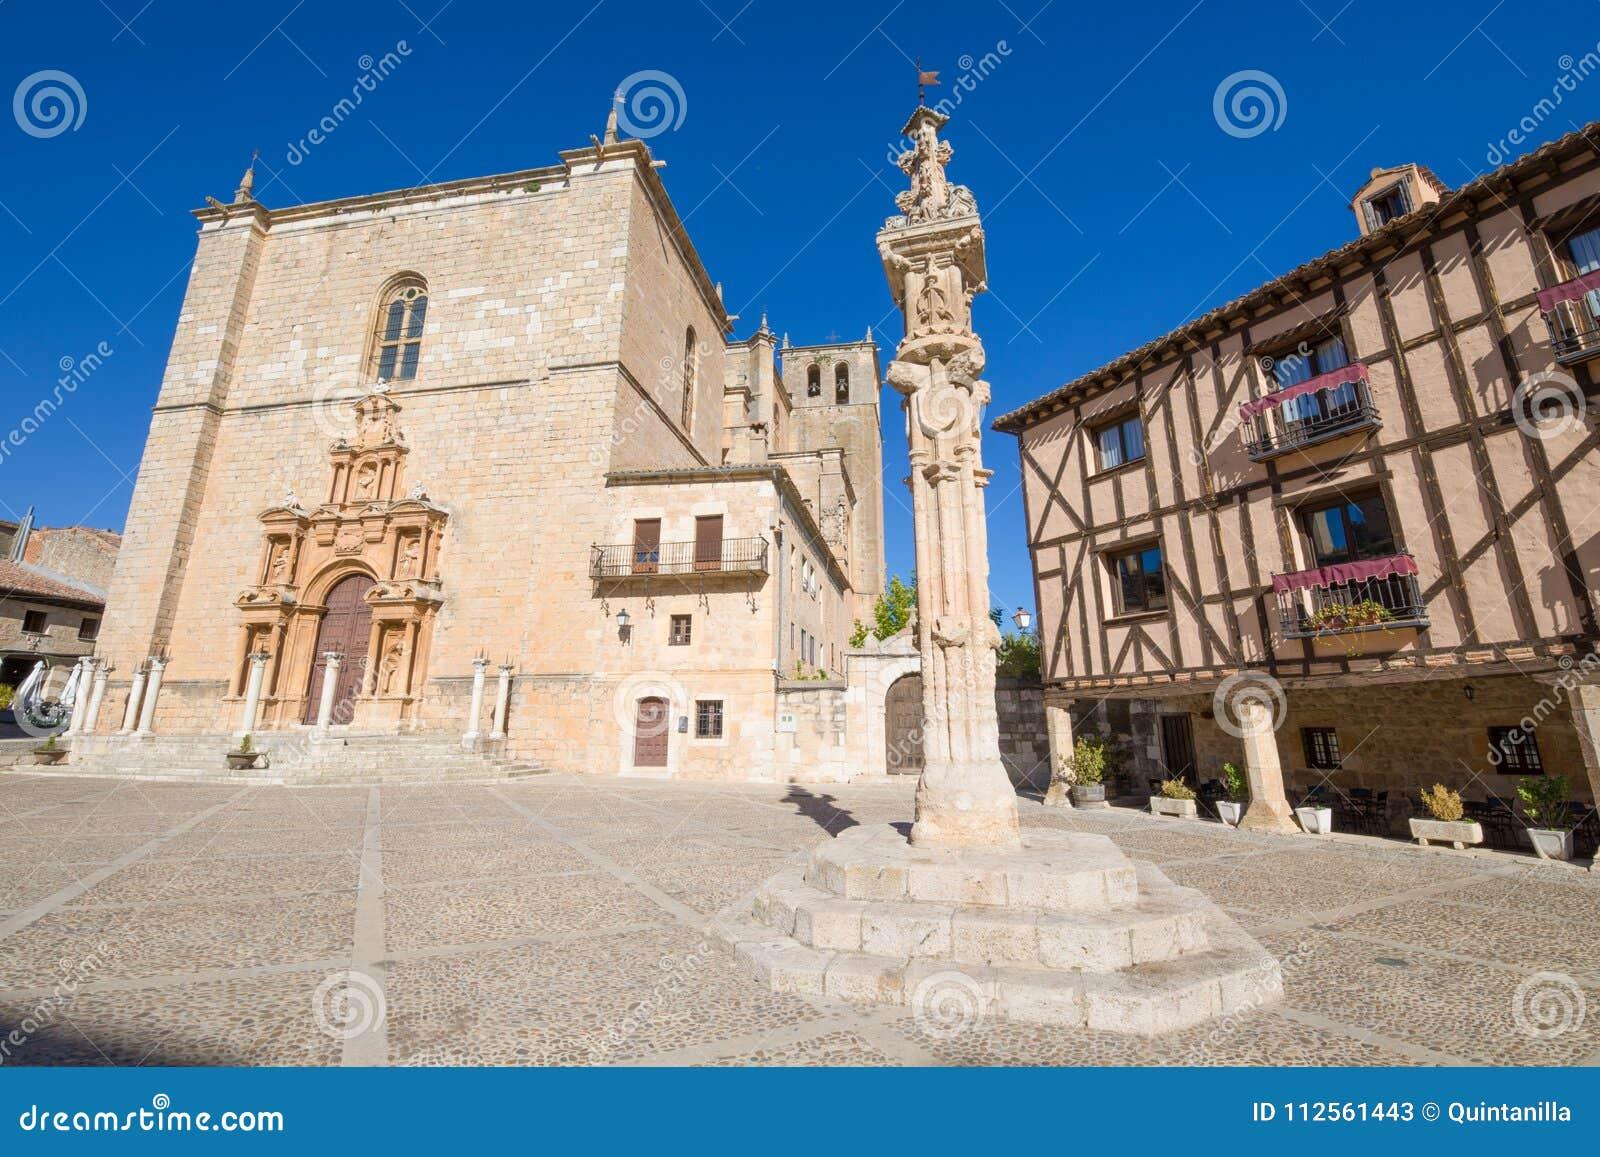 Corteje a coluna no quadrado principal de Penaranda de Douro